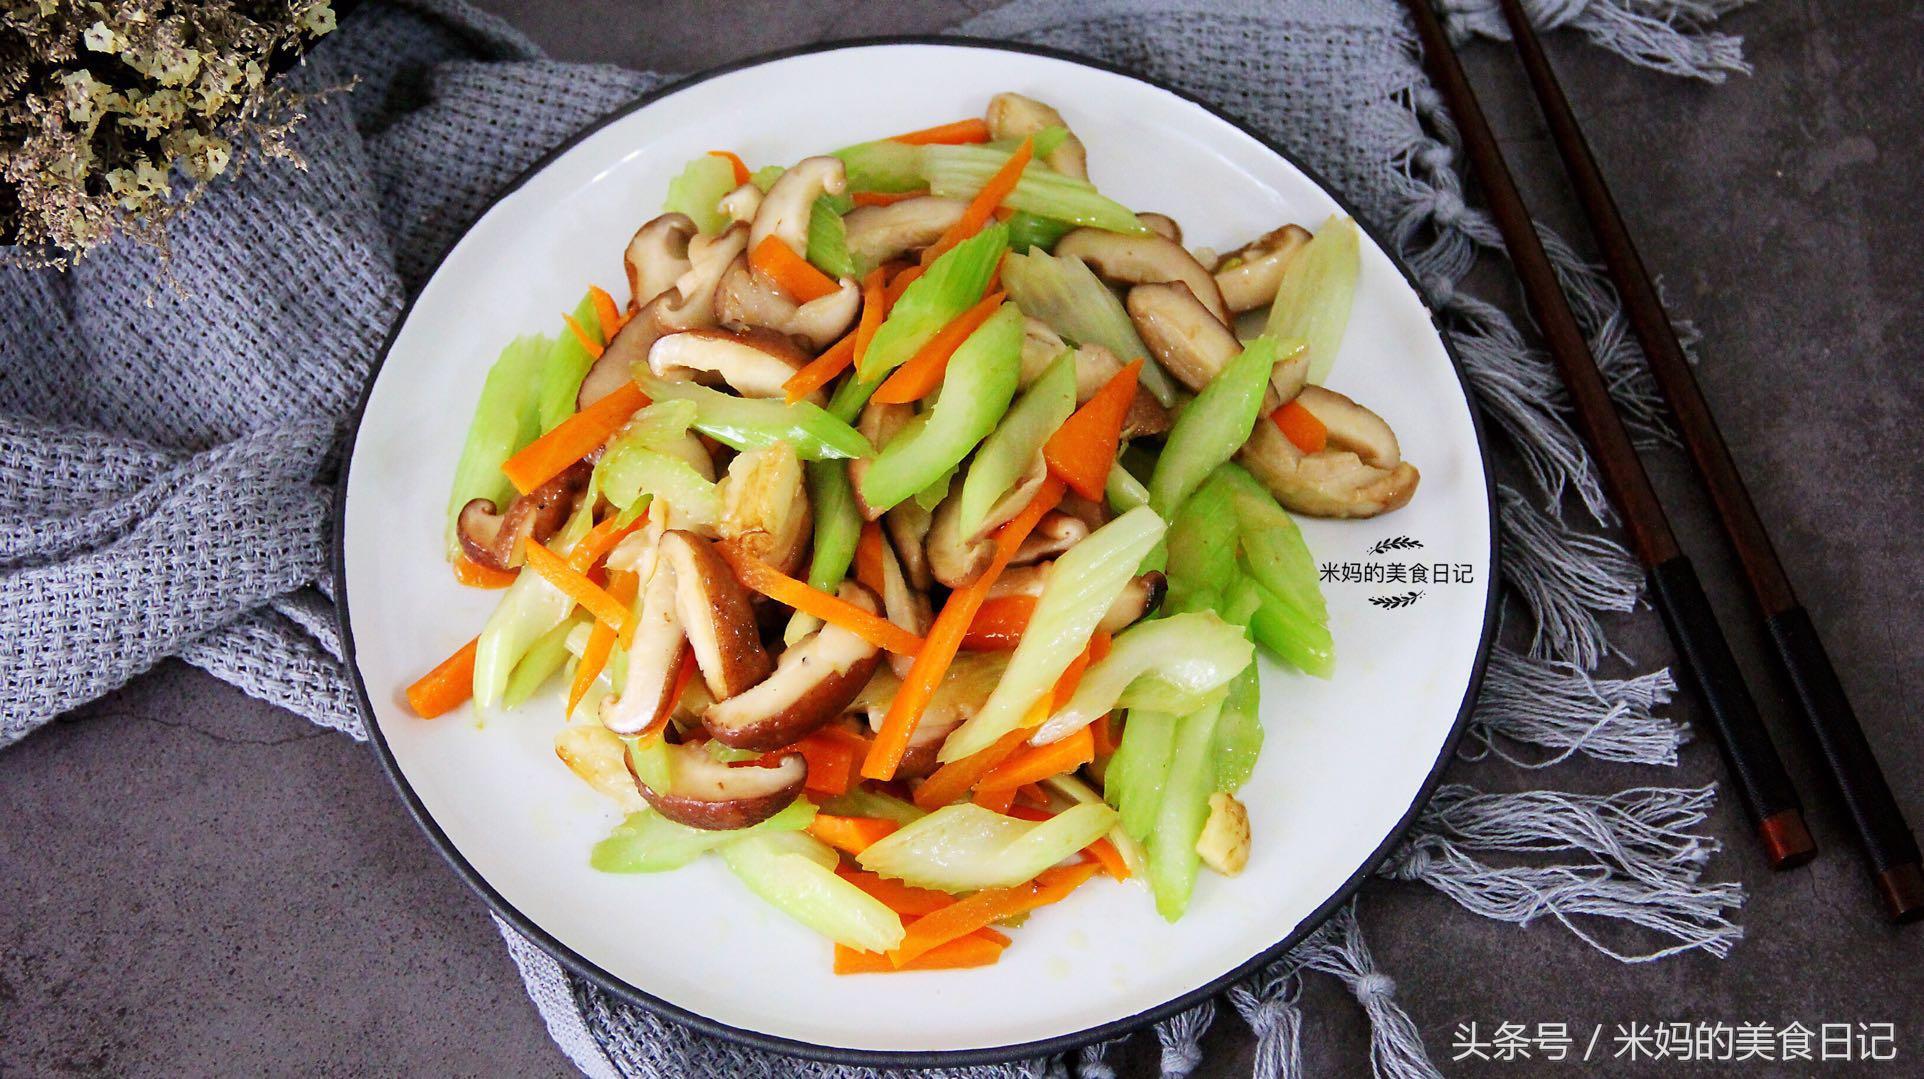 香菇胡萝卜炒芹菜做法步骤图 常吃强身健脾益肝血秋天常吃身体